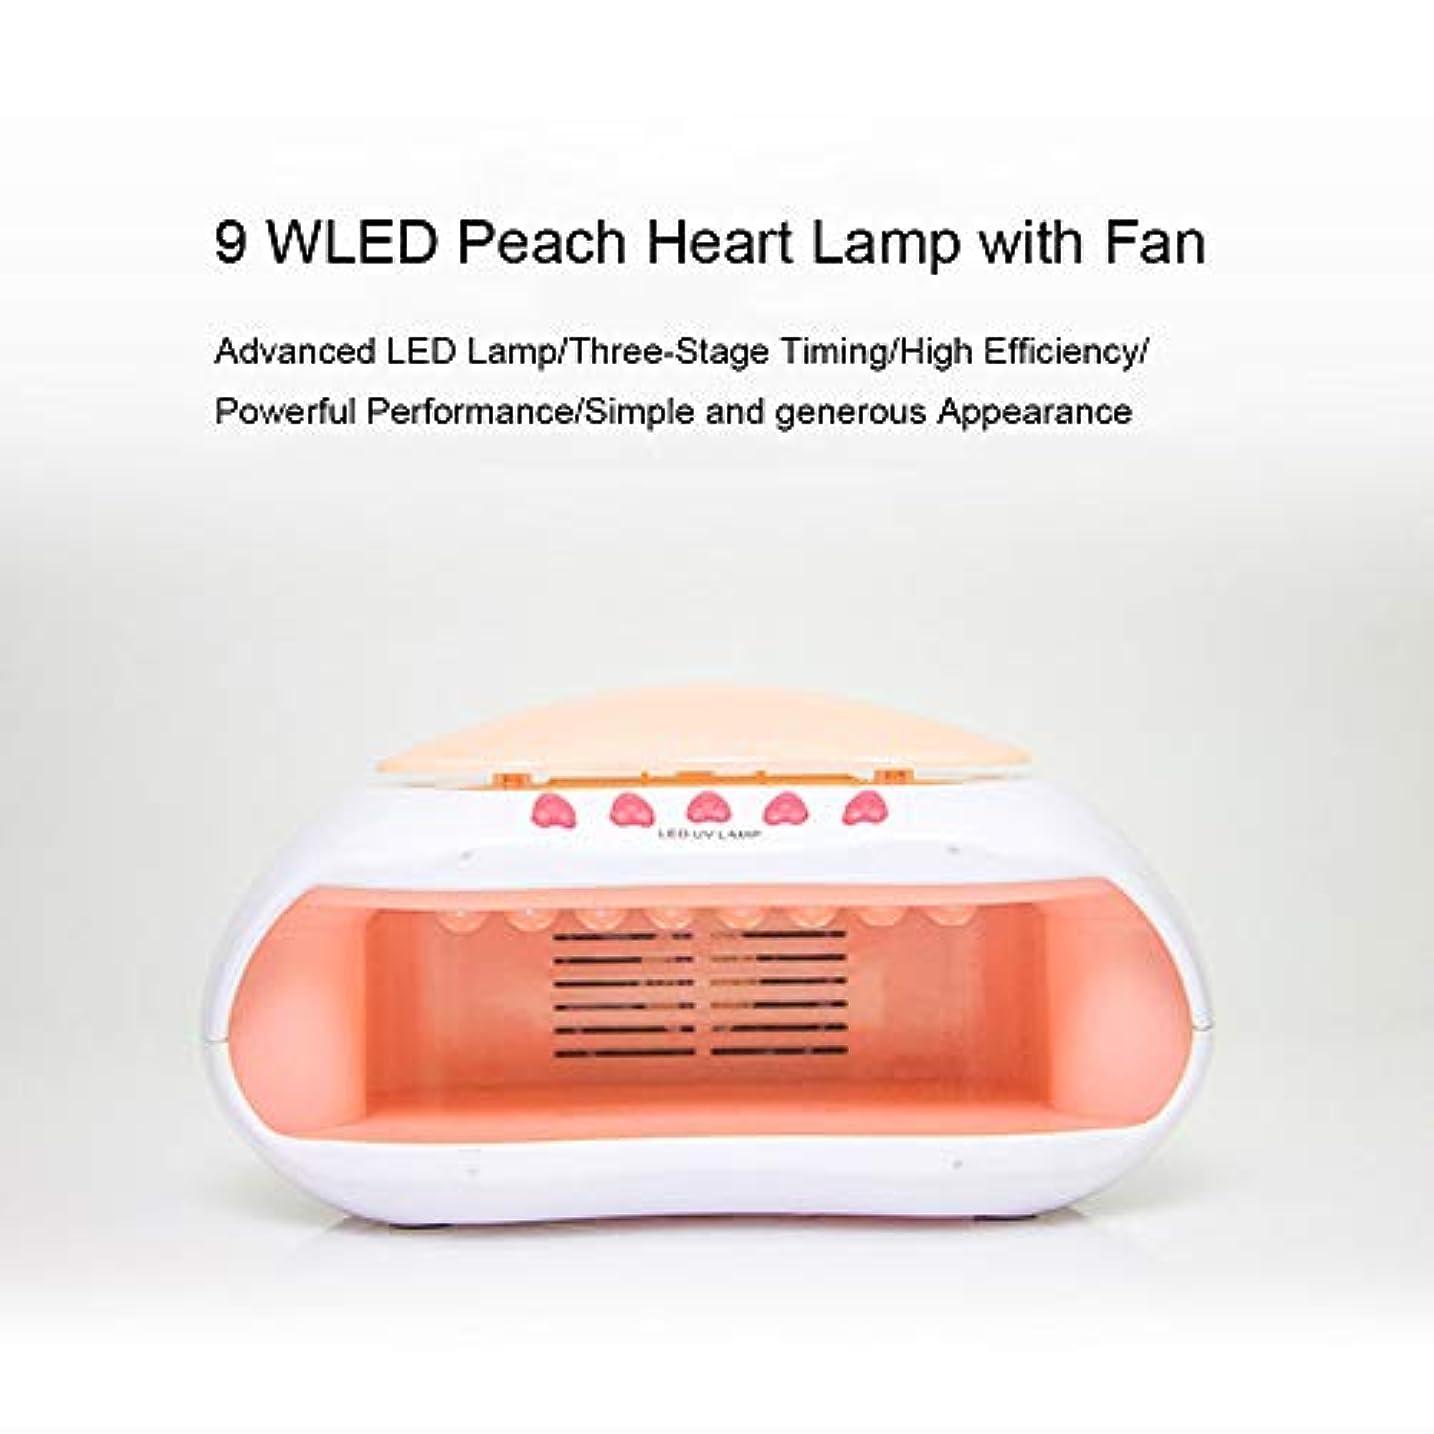 広告する海外最もセンサーが付いているLEDの釘のドライヤーの治癒ランプ、LEDの放射の自由な釘ランプ30/60 / 90Sのタイマーの釘ライトすべてのゲルのポーランド人のための速い治癒